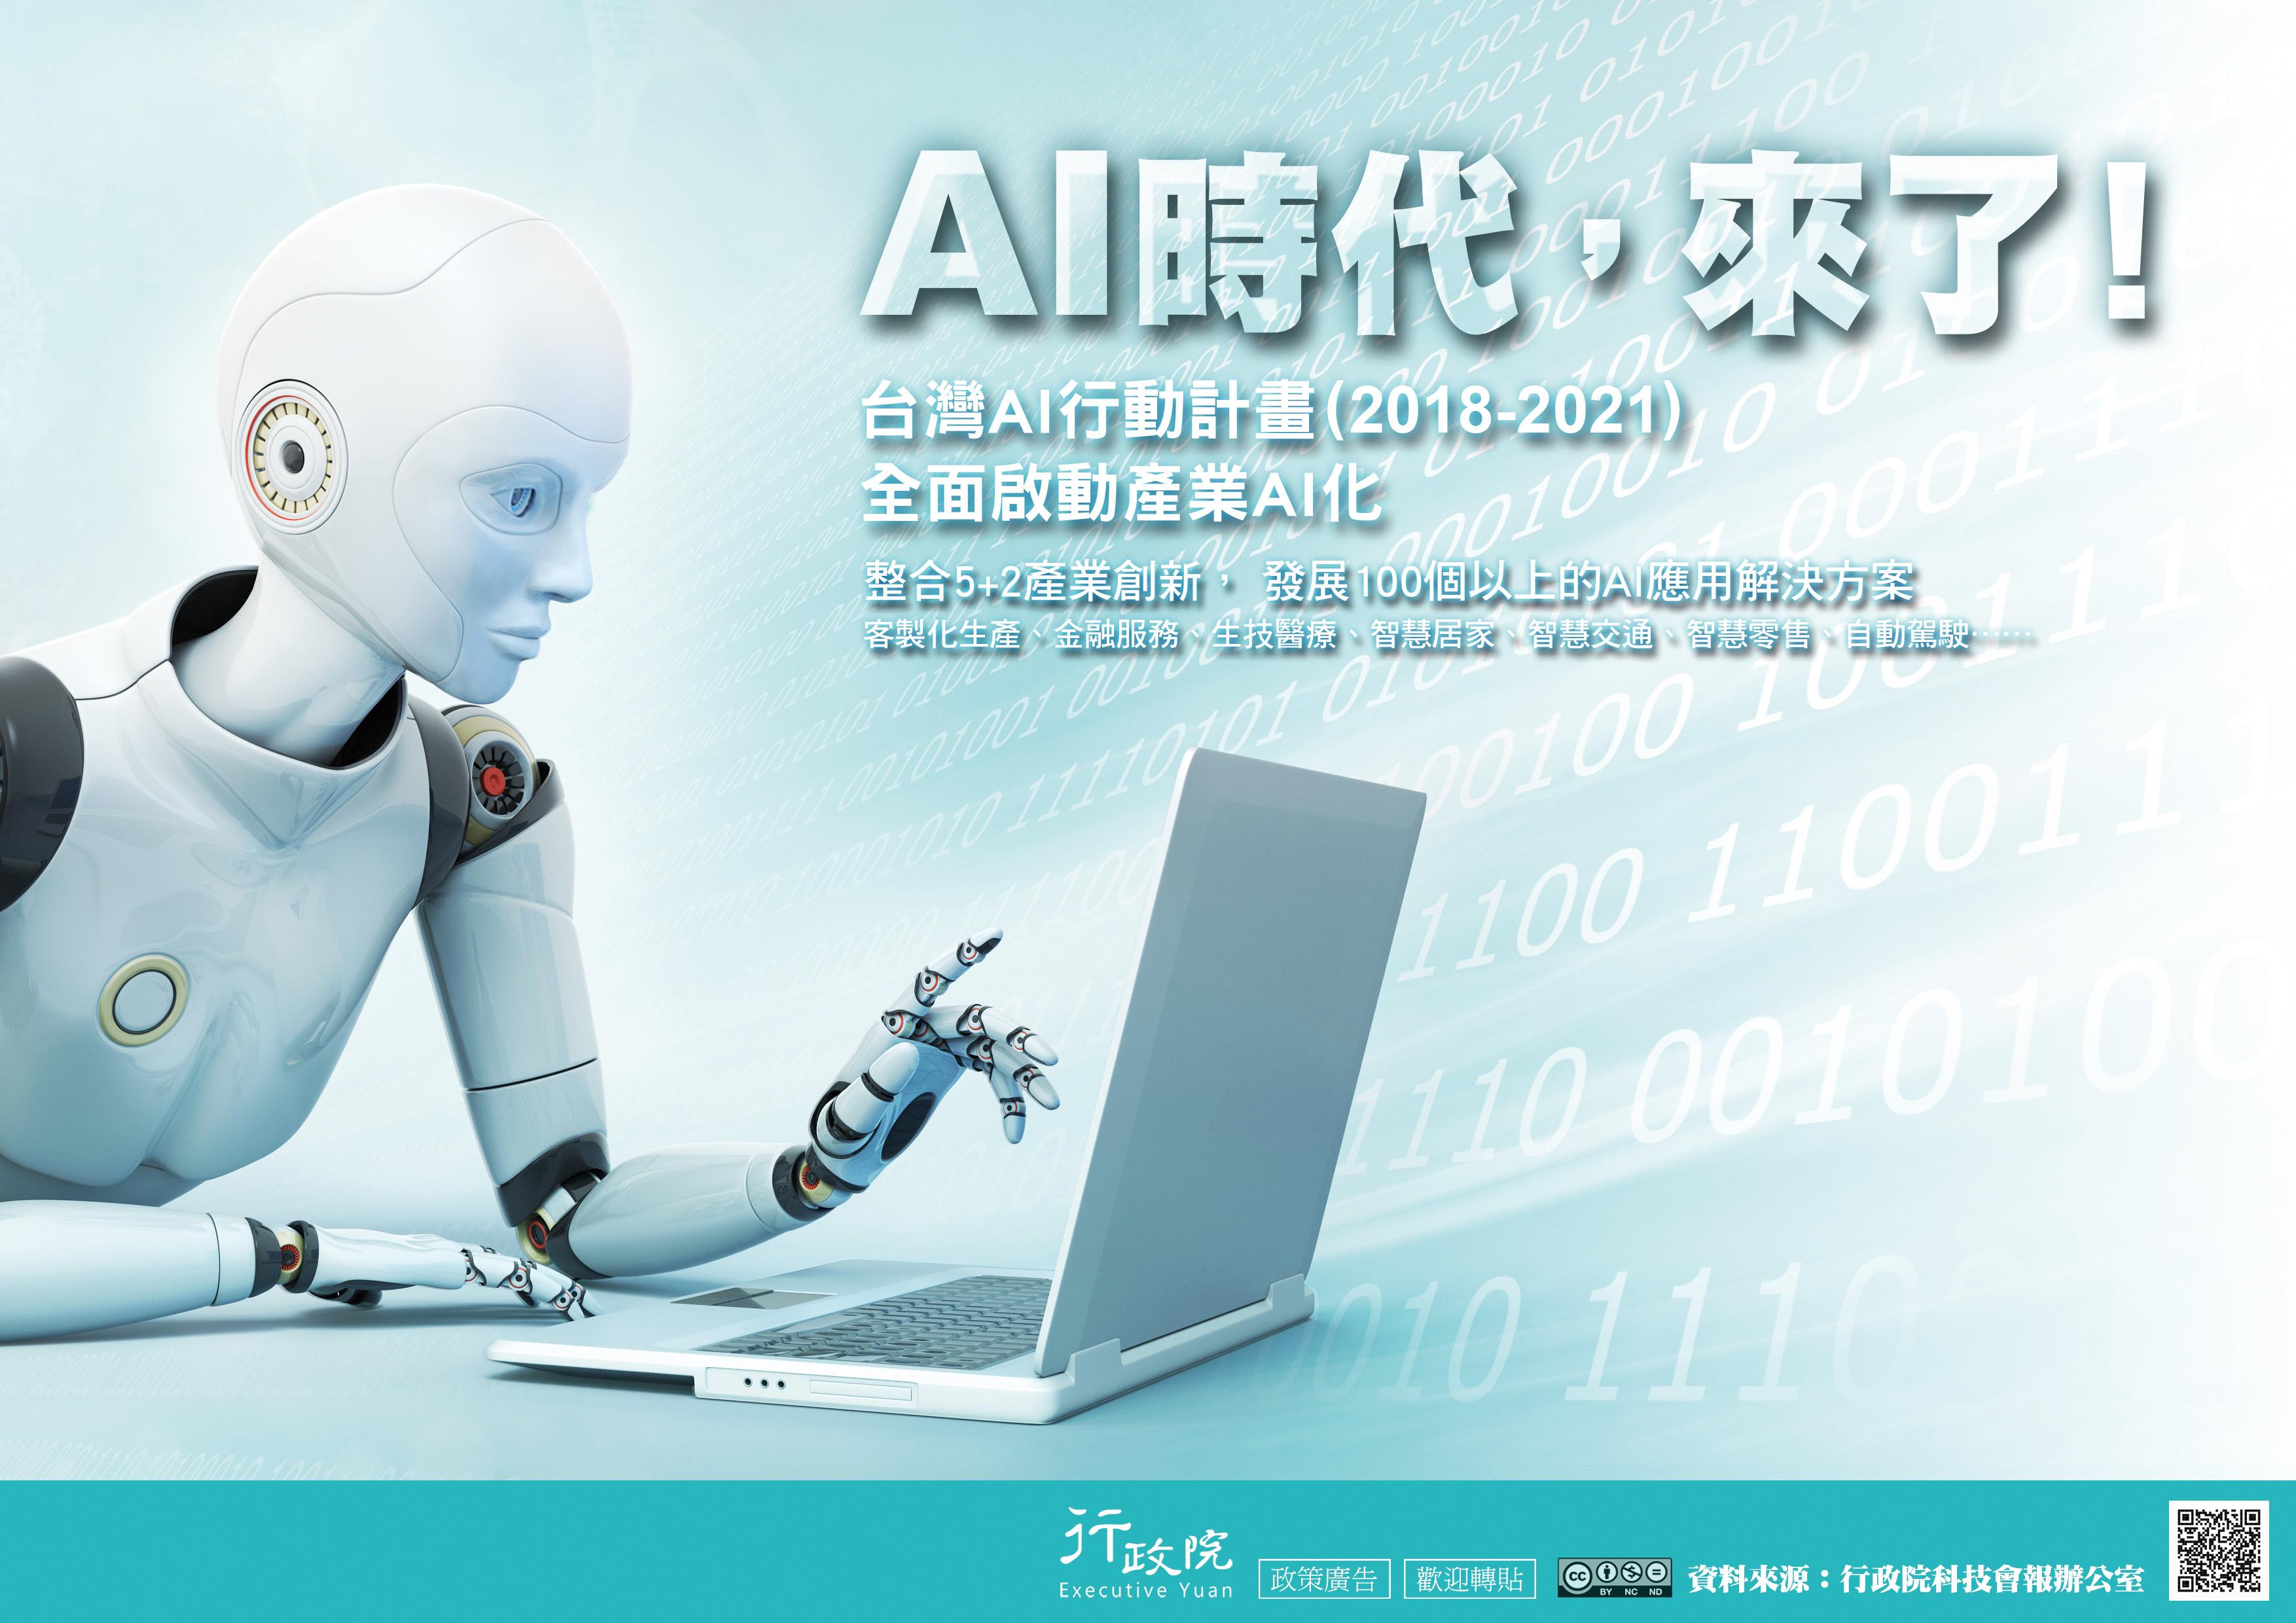 AI時代,來了!